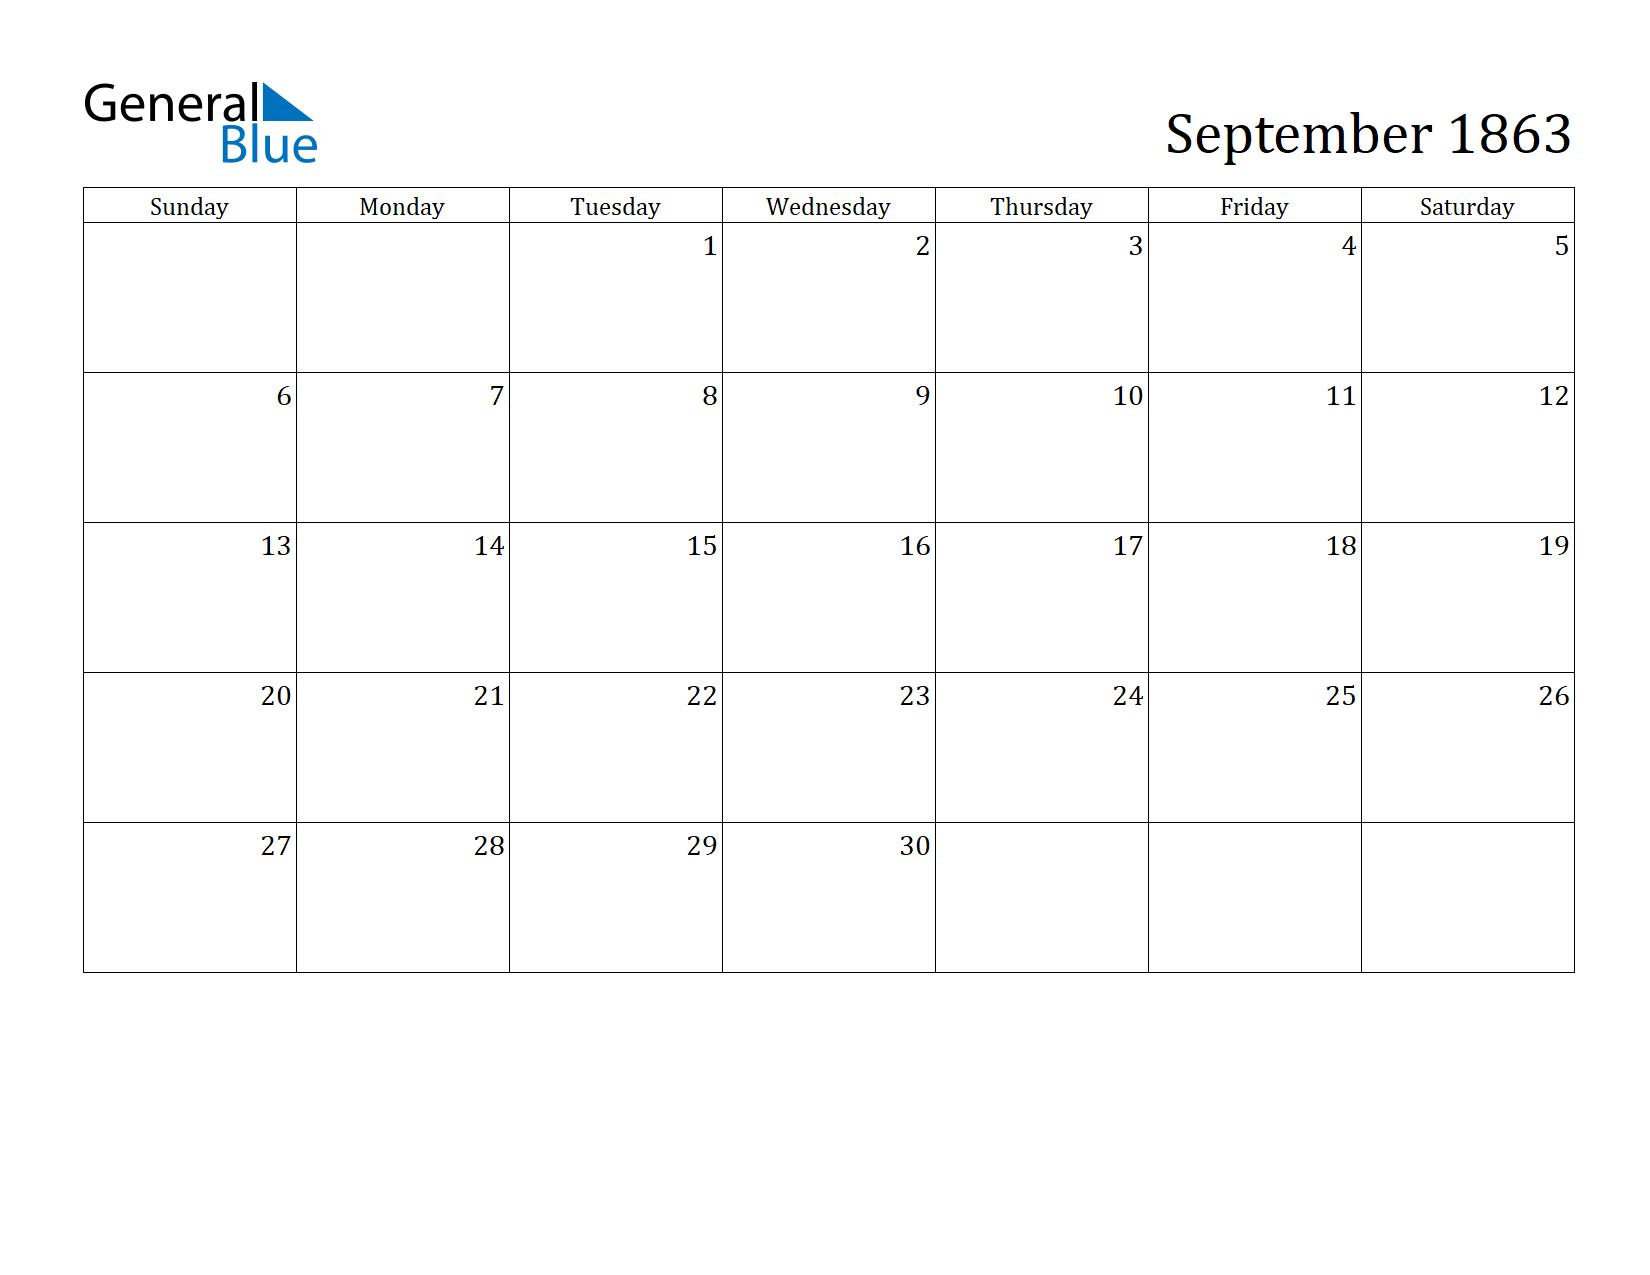 Image of September 1863 Calendar